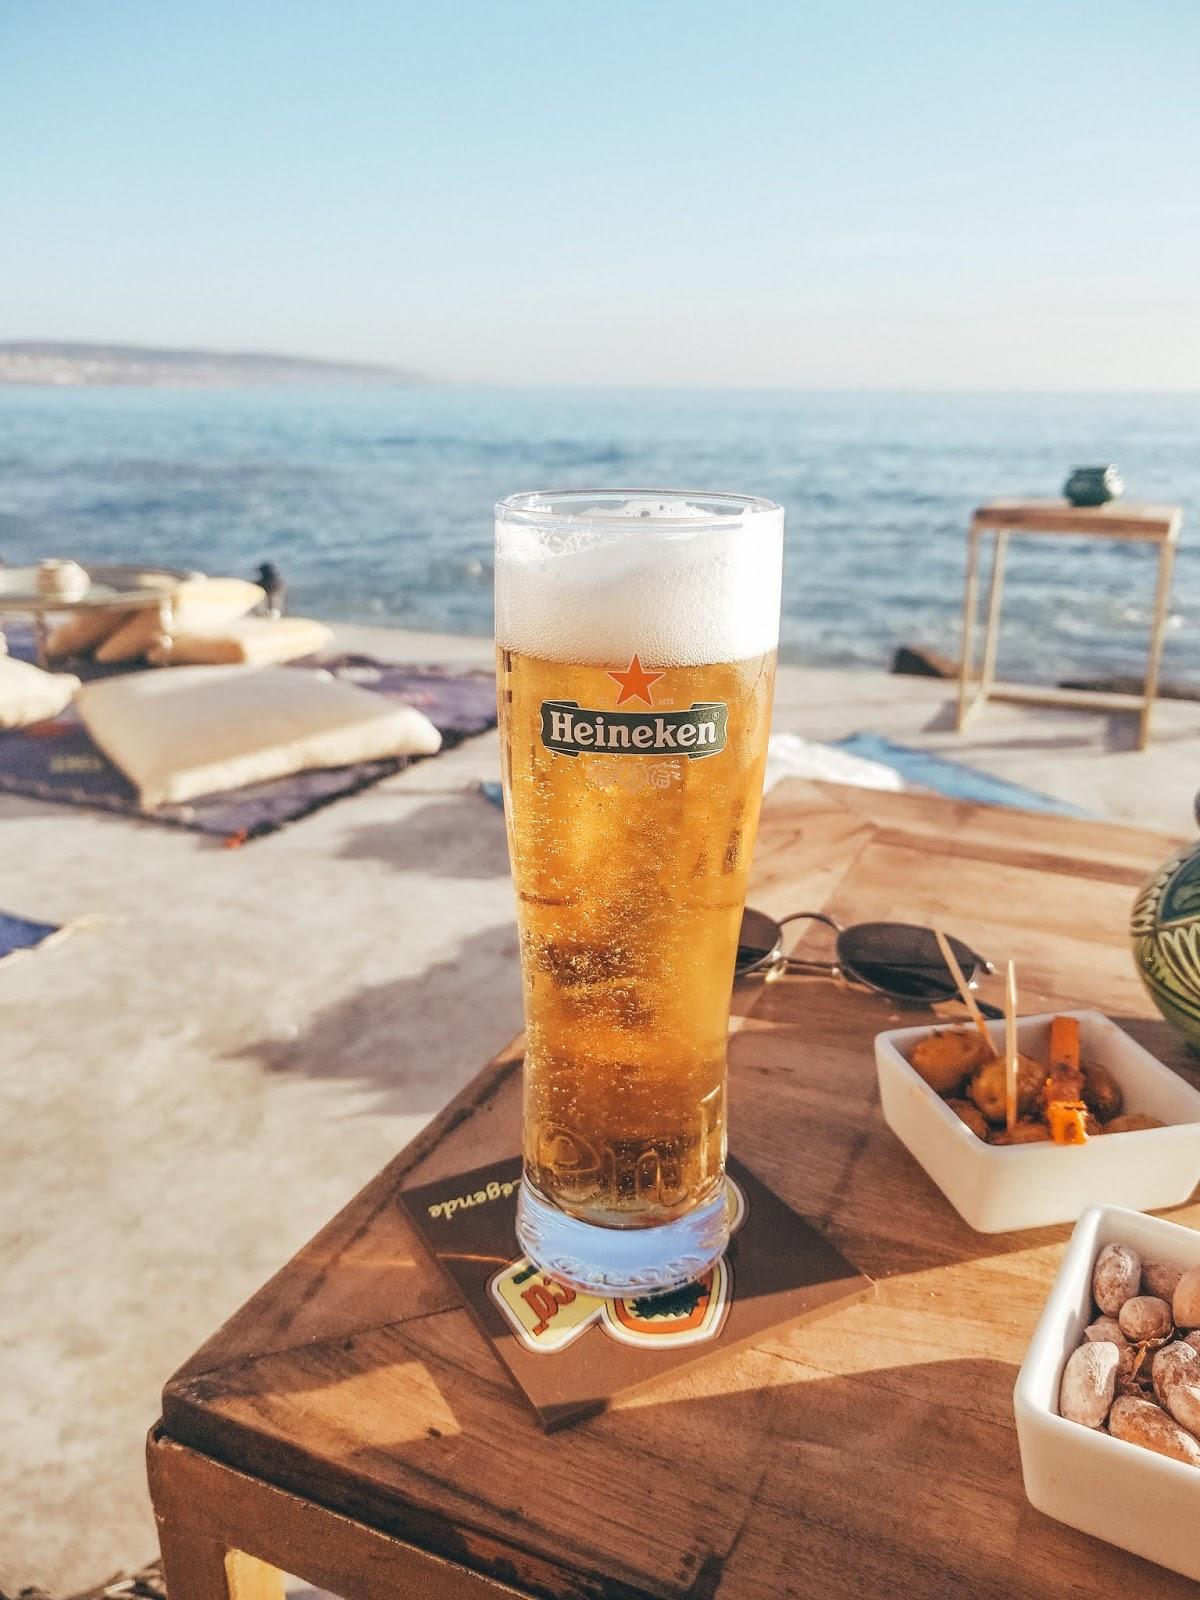 Top 10 Beer Brands in India 2020